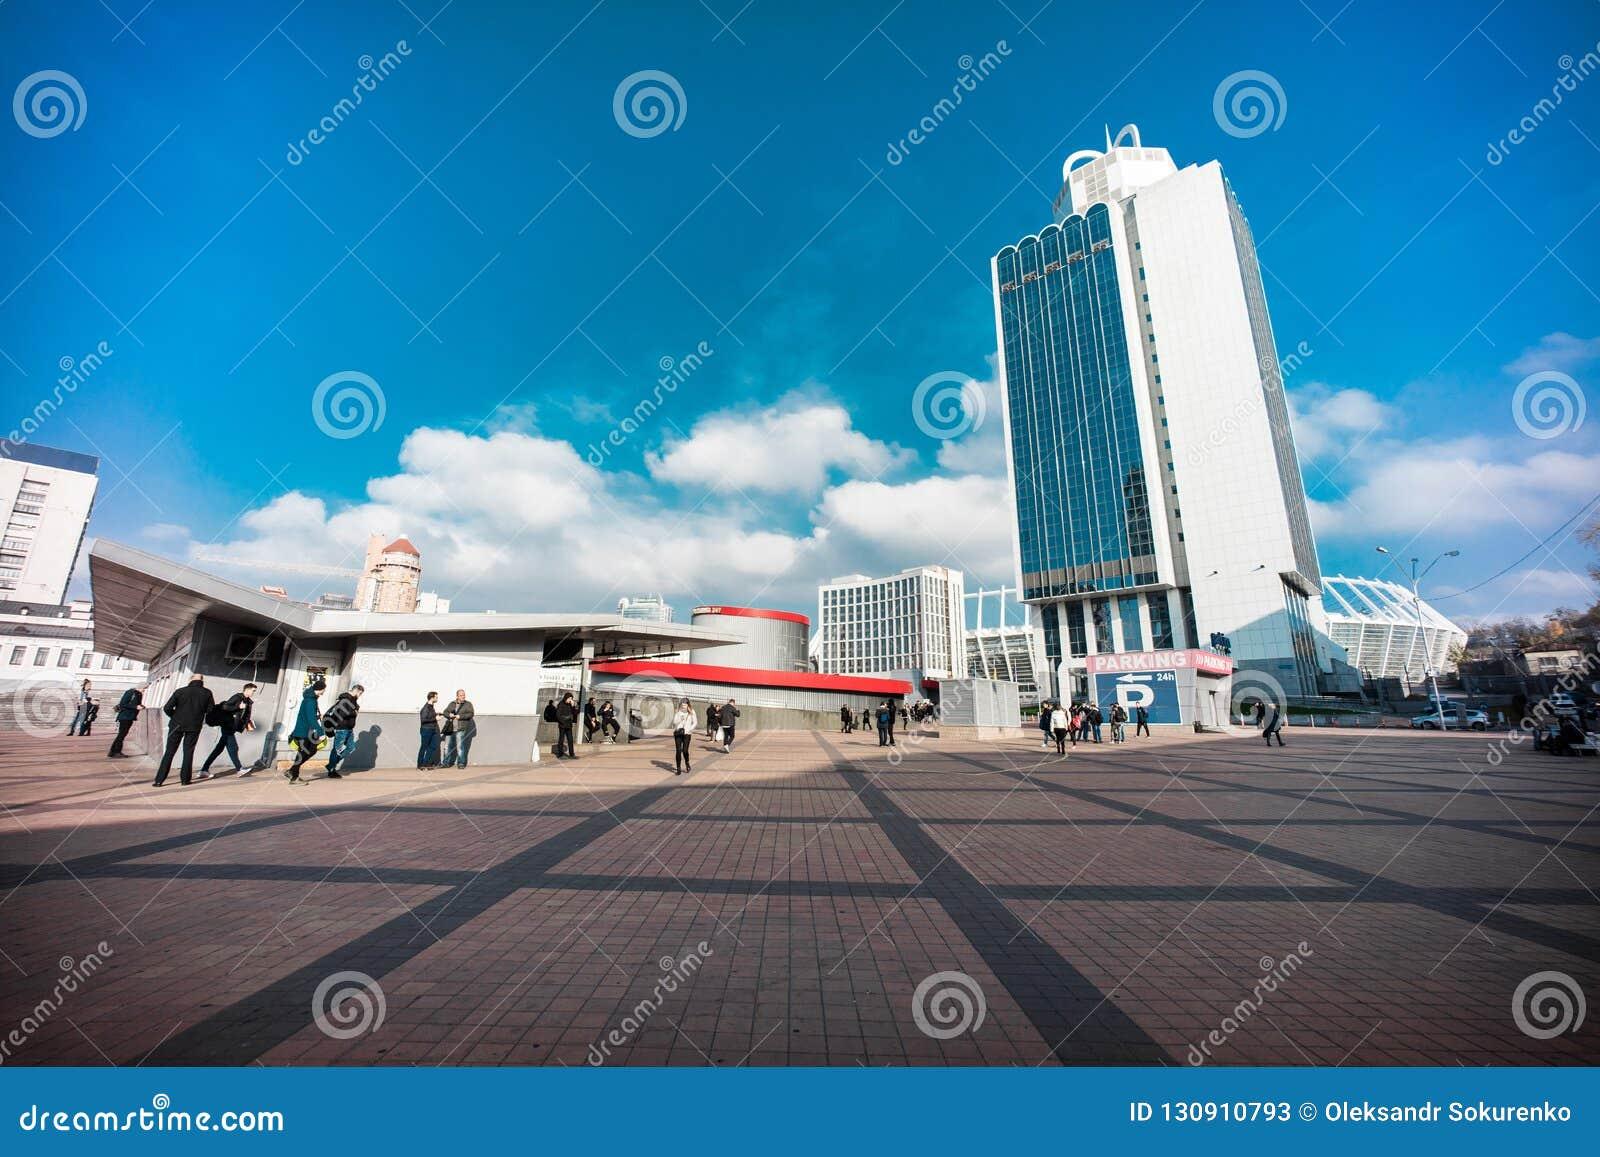 Gratte-ciel classique de bureau de Kiev au centre de la ville